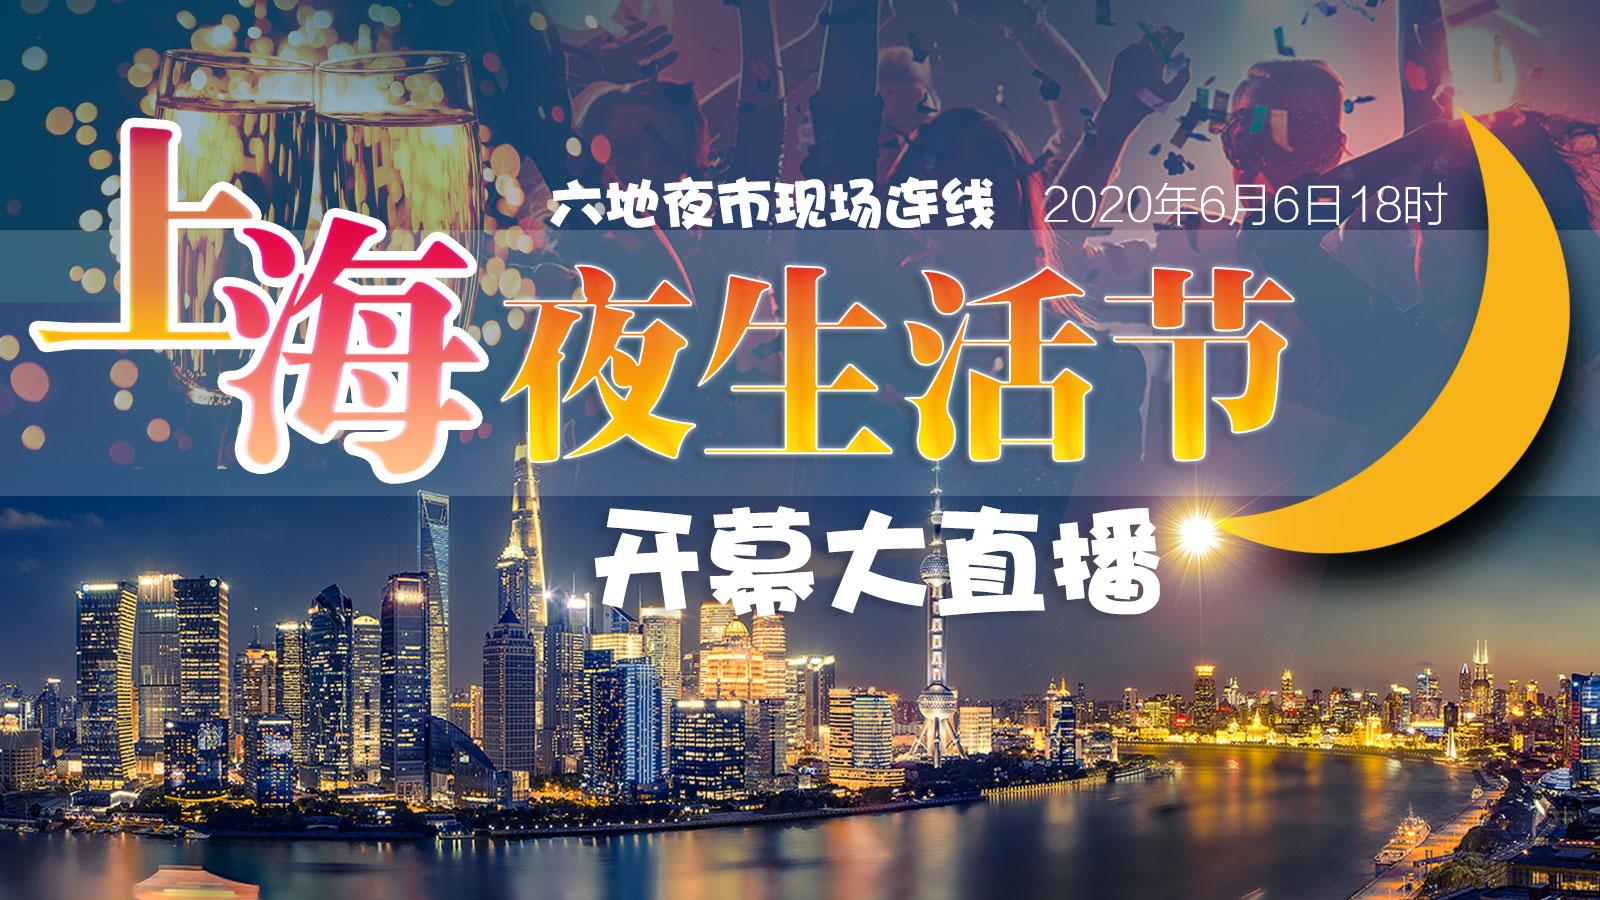 """直播回放: """"上海夜生活节""""大直播, """"新民直播间""""邀你来玩耍"""